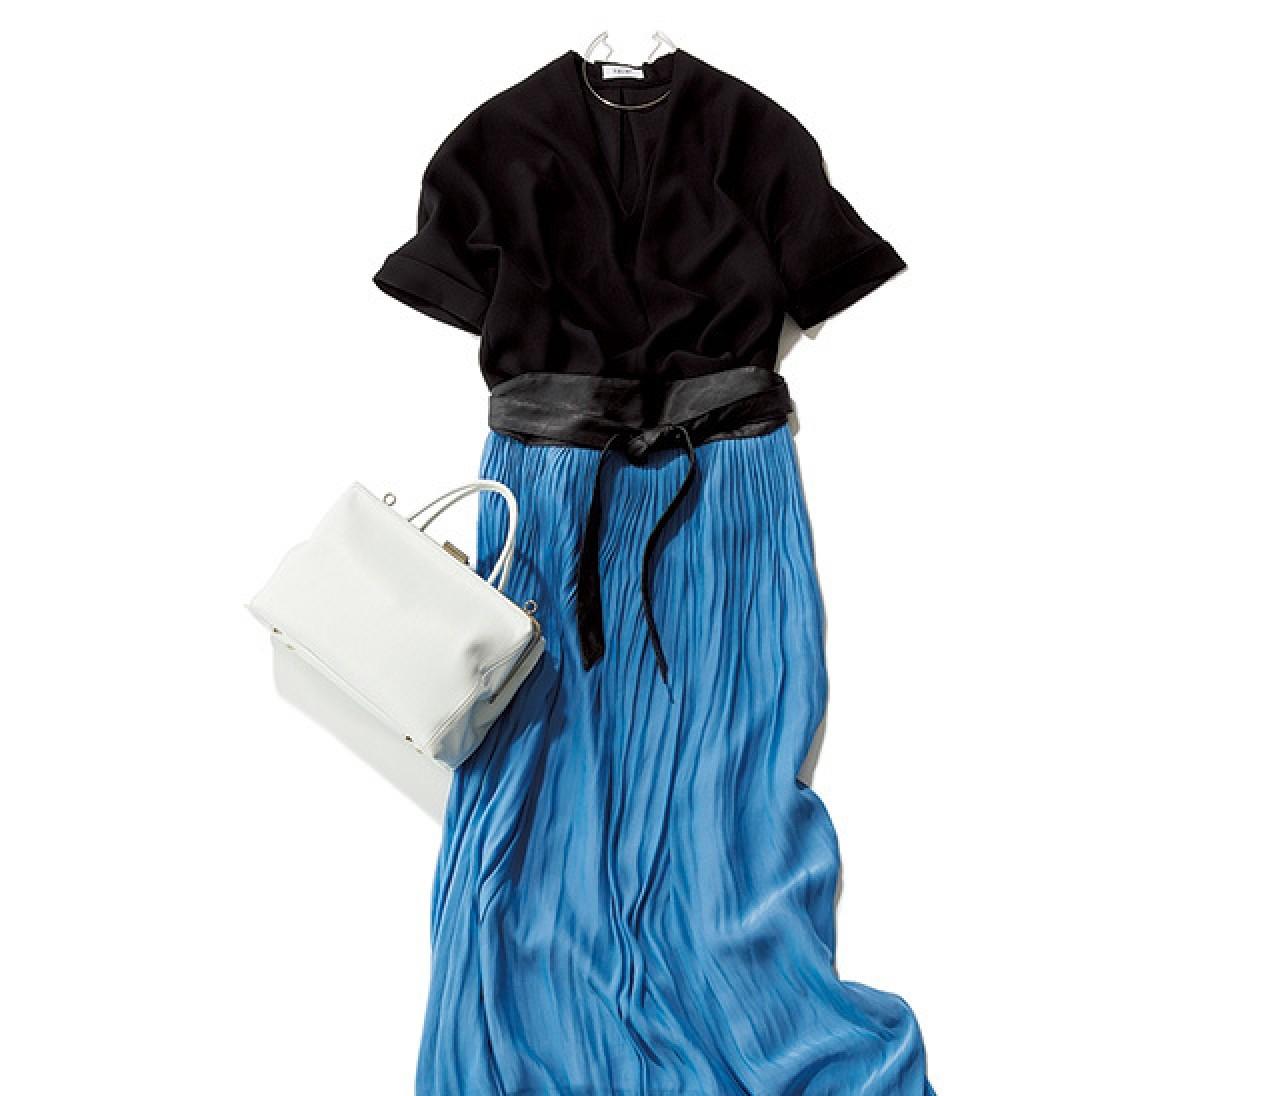 旬小物が鍵! アフター6に予定がある夏の日は、ブルースカートでプチドレスアップ